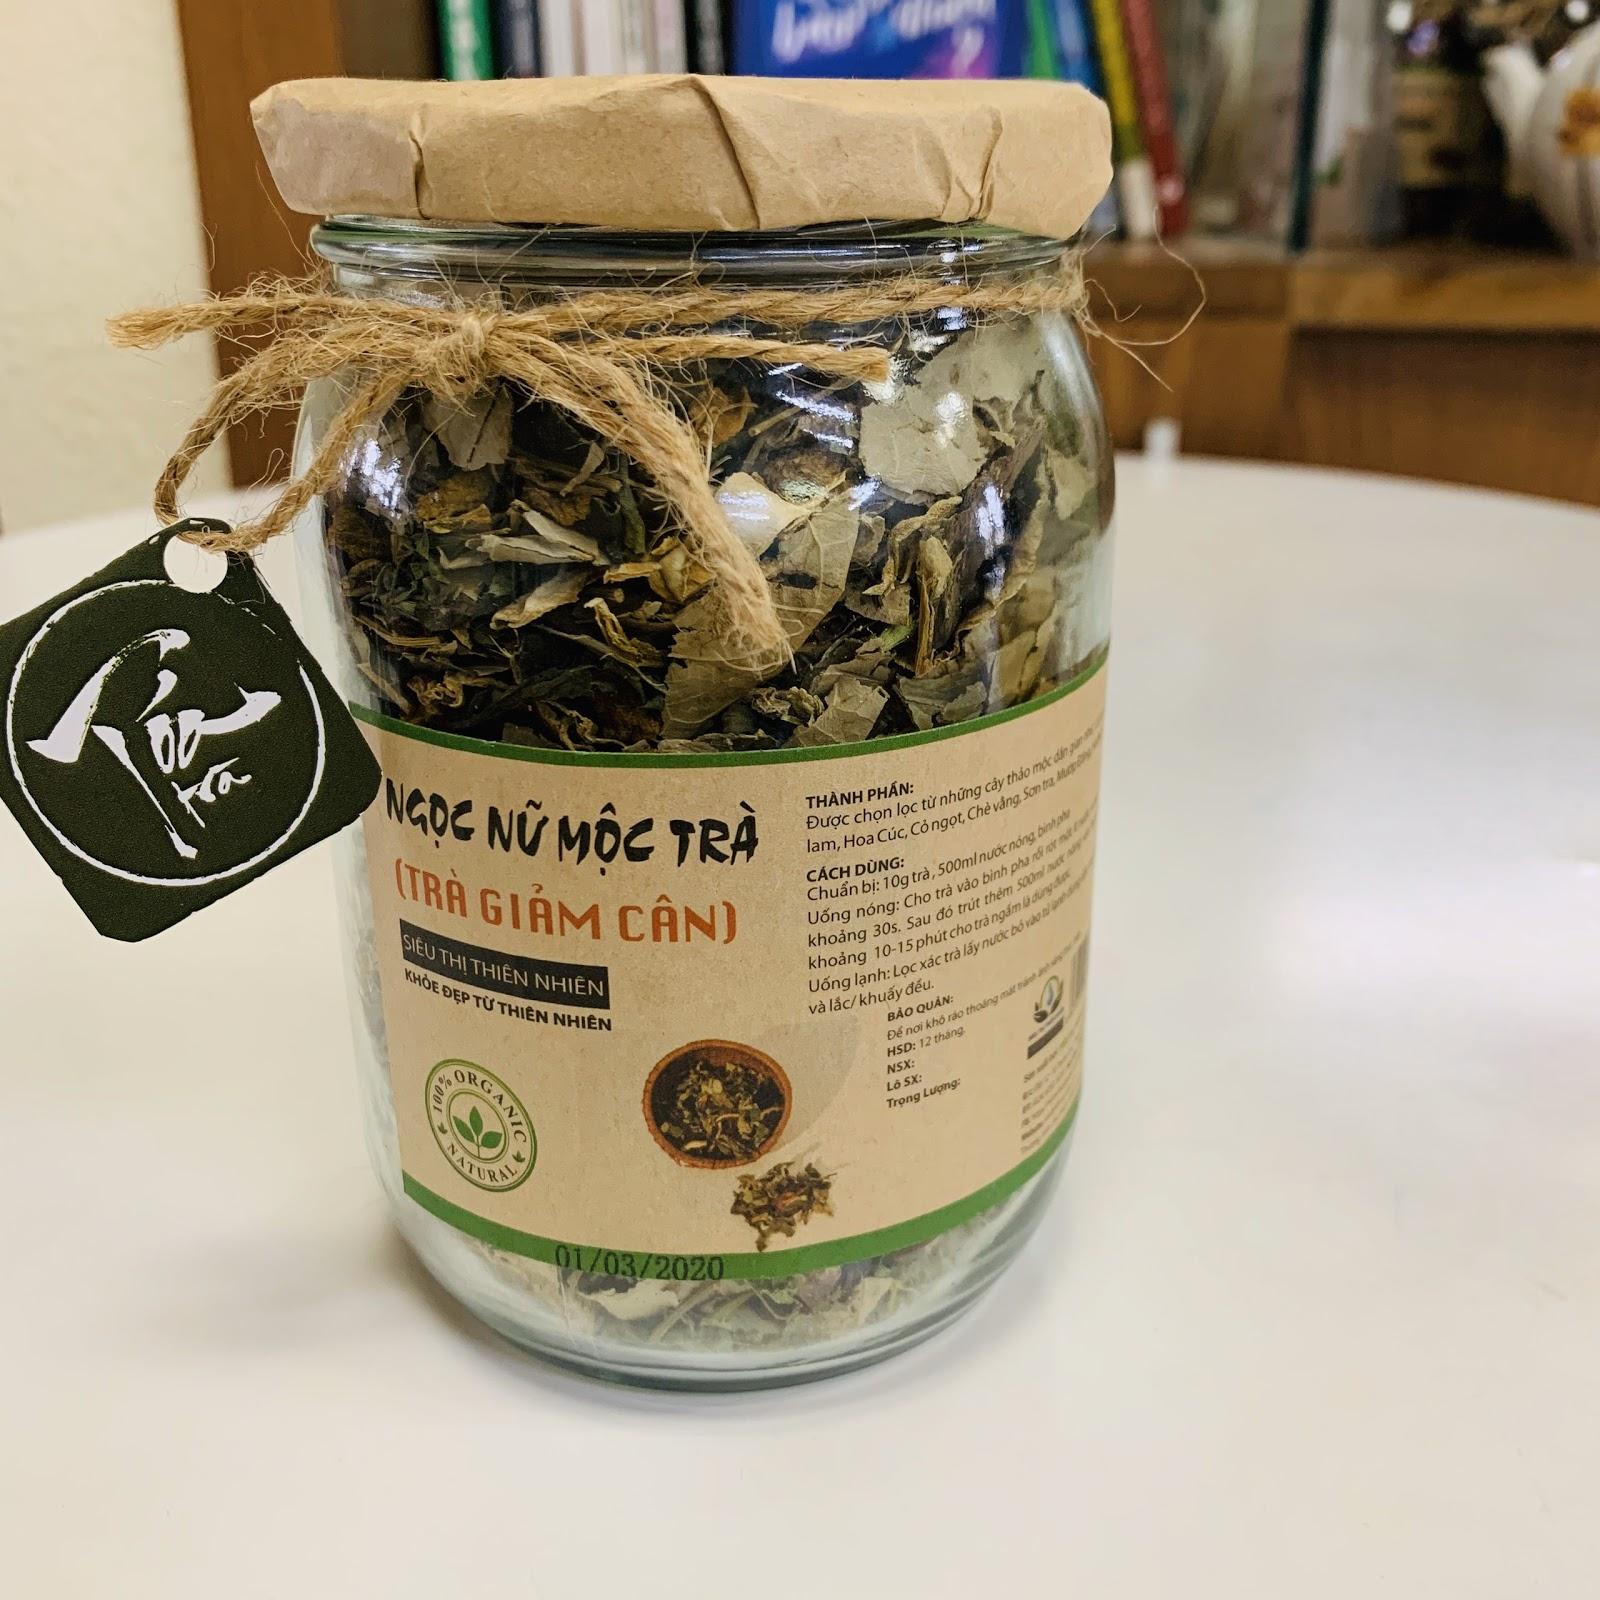 Tỏa Trà - Trà giảm cân hạ mỡ máu Ngọc Nữ Mộc Trà - trà giảm cân